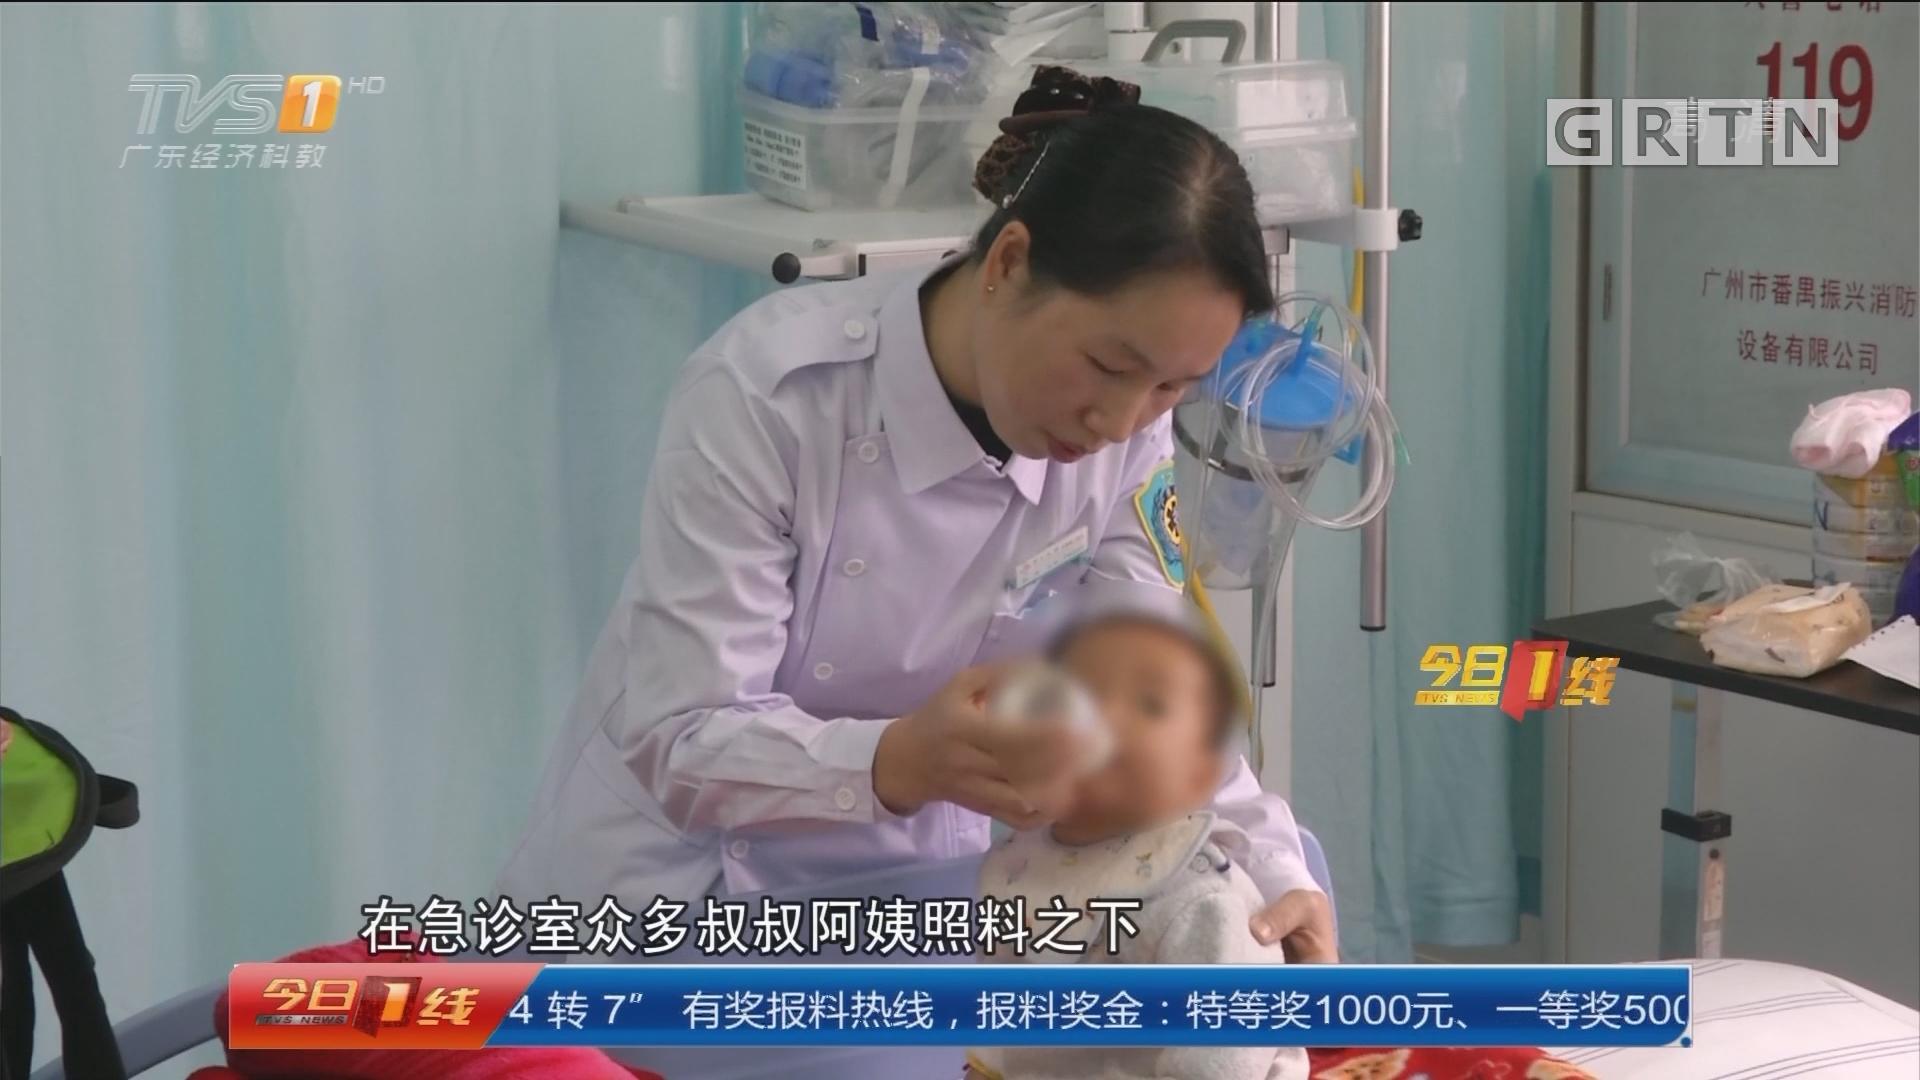 弃婴:1岁男婴被弃路边 医生护士来呵护